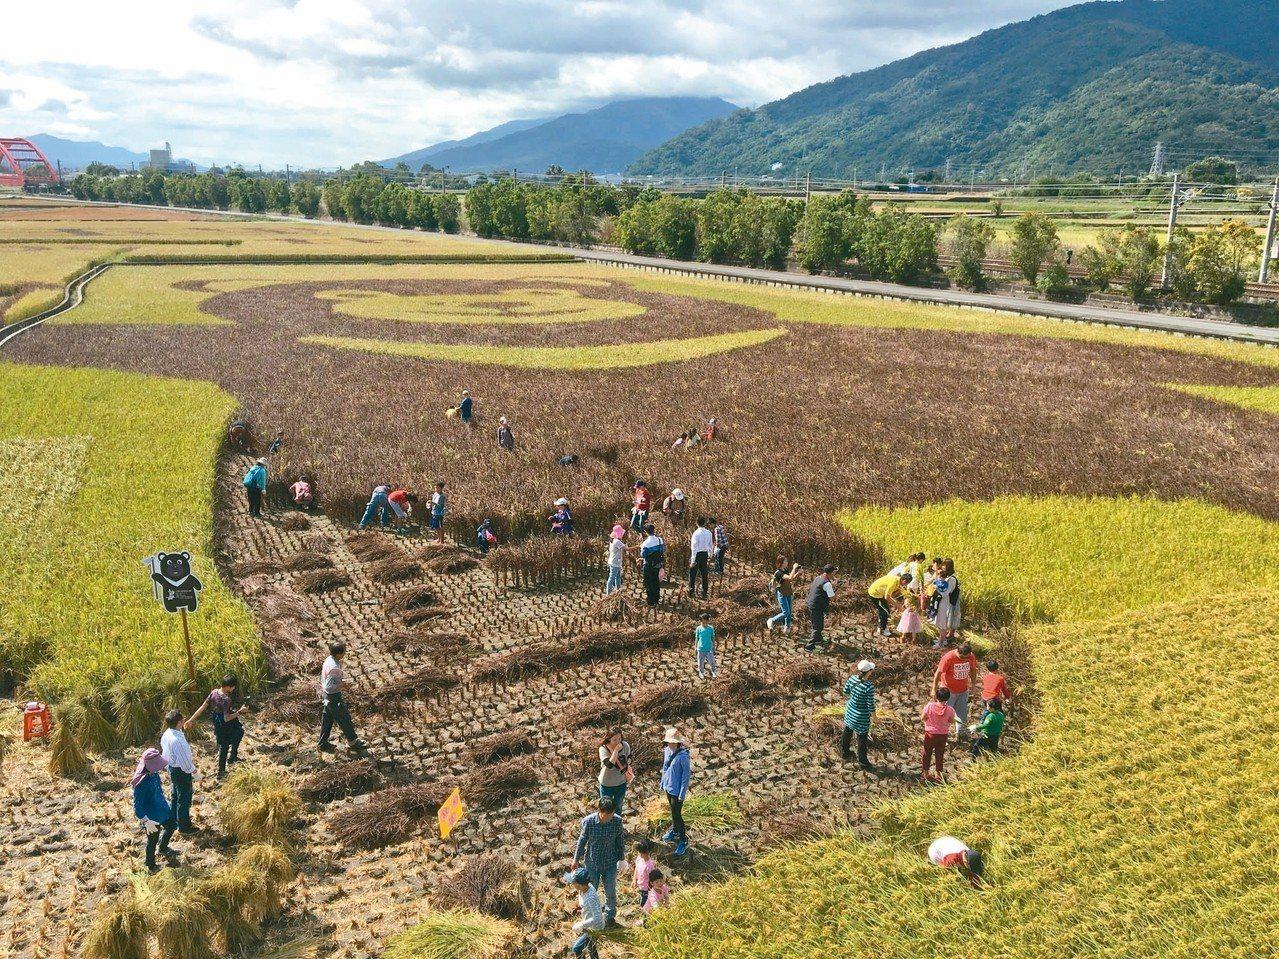 「玉里熊讚」連續3年以稻田彩繪方式在花東縱谷亮相。 圖/聯合報系資料照片